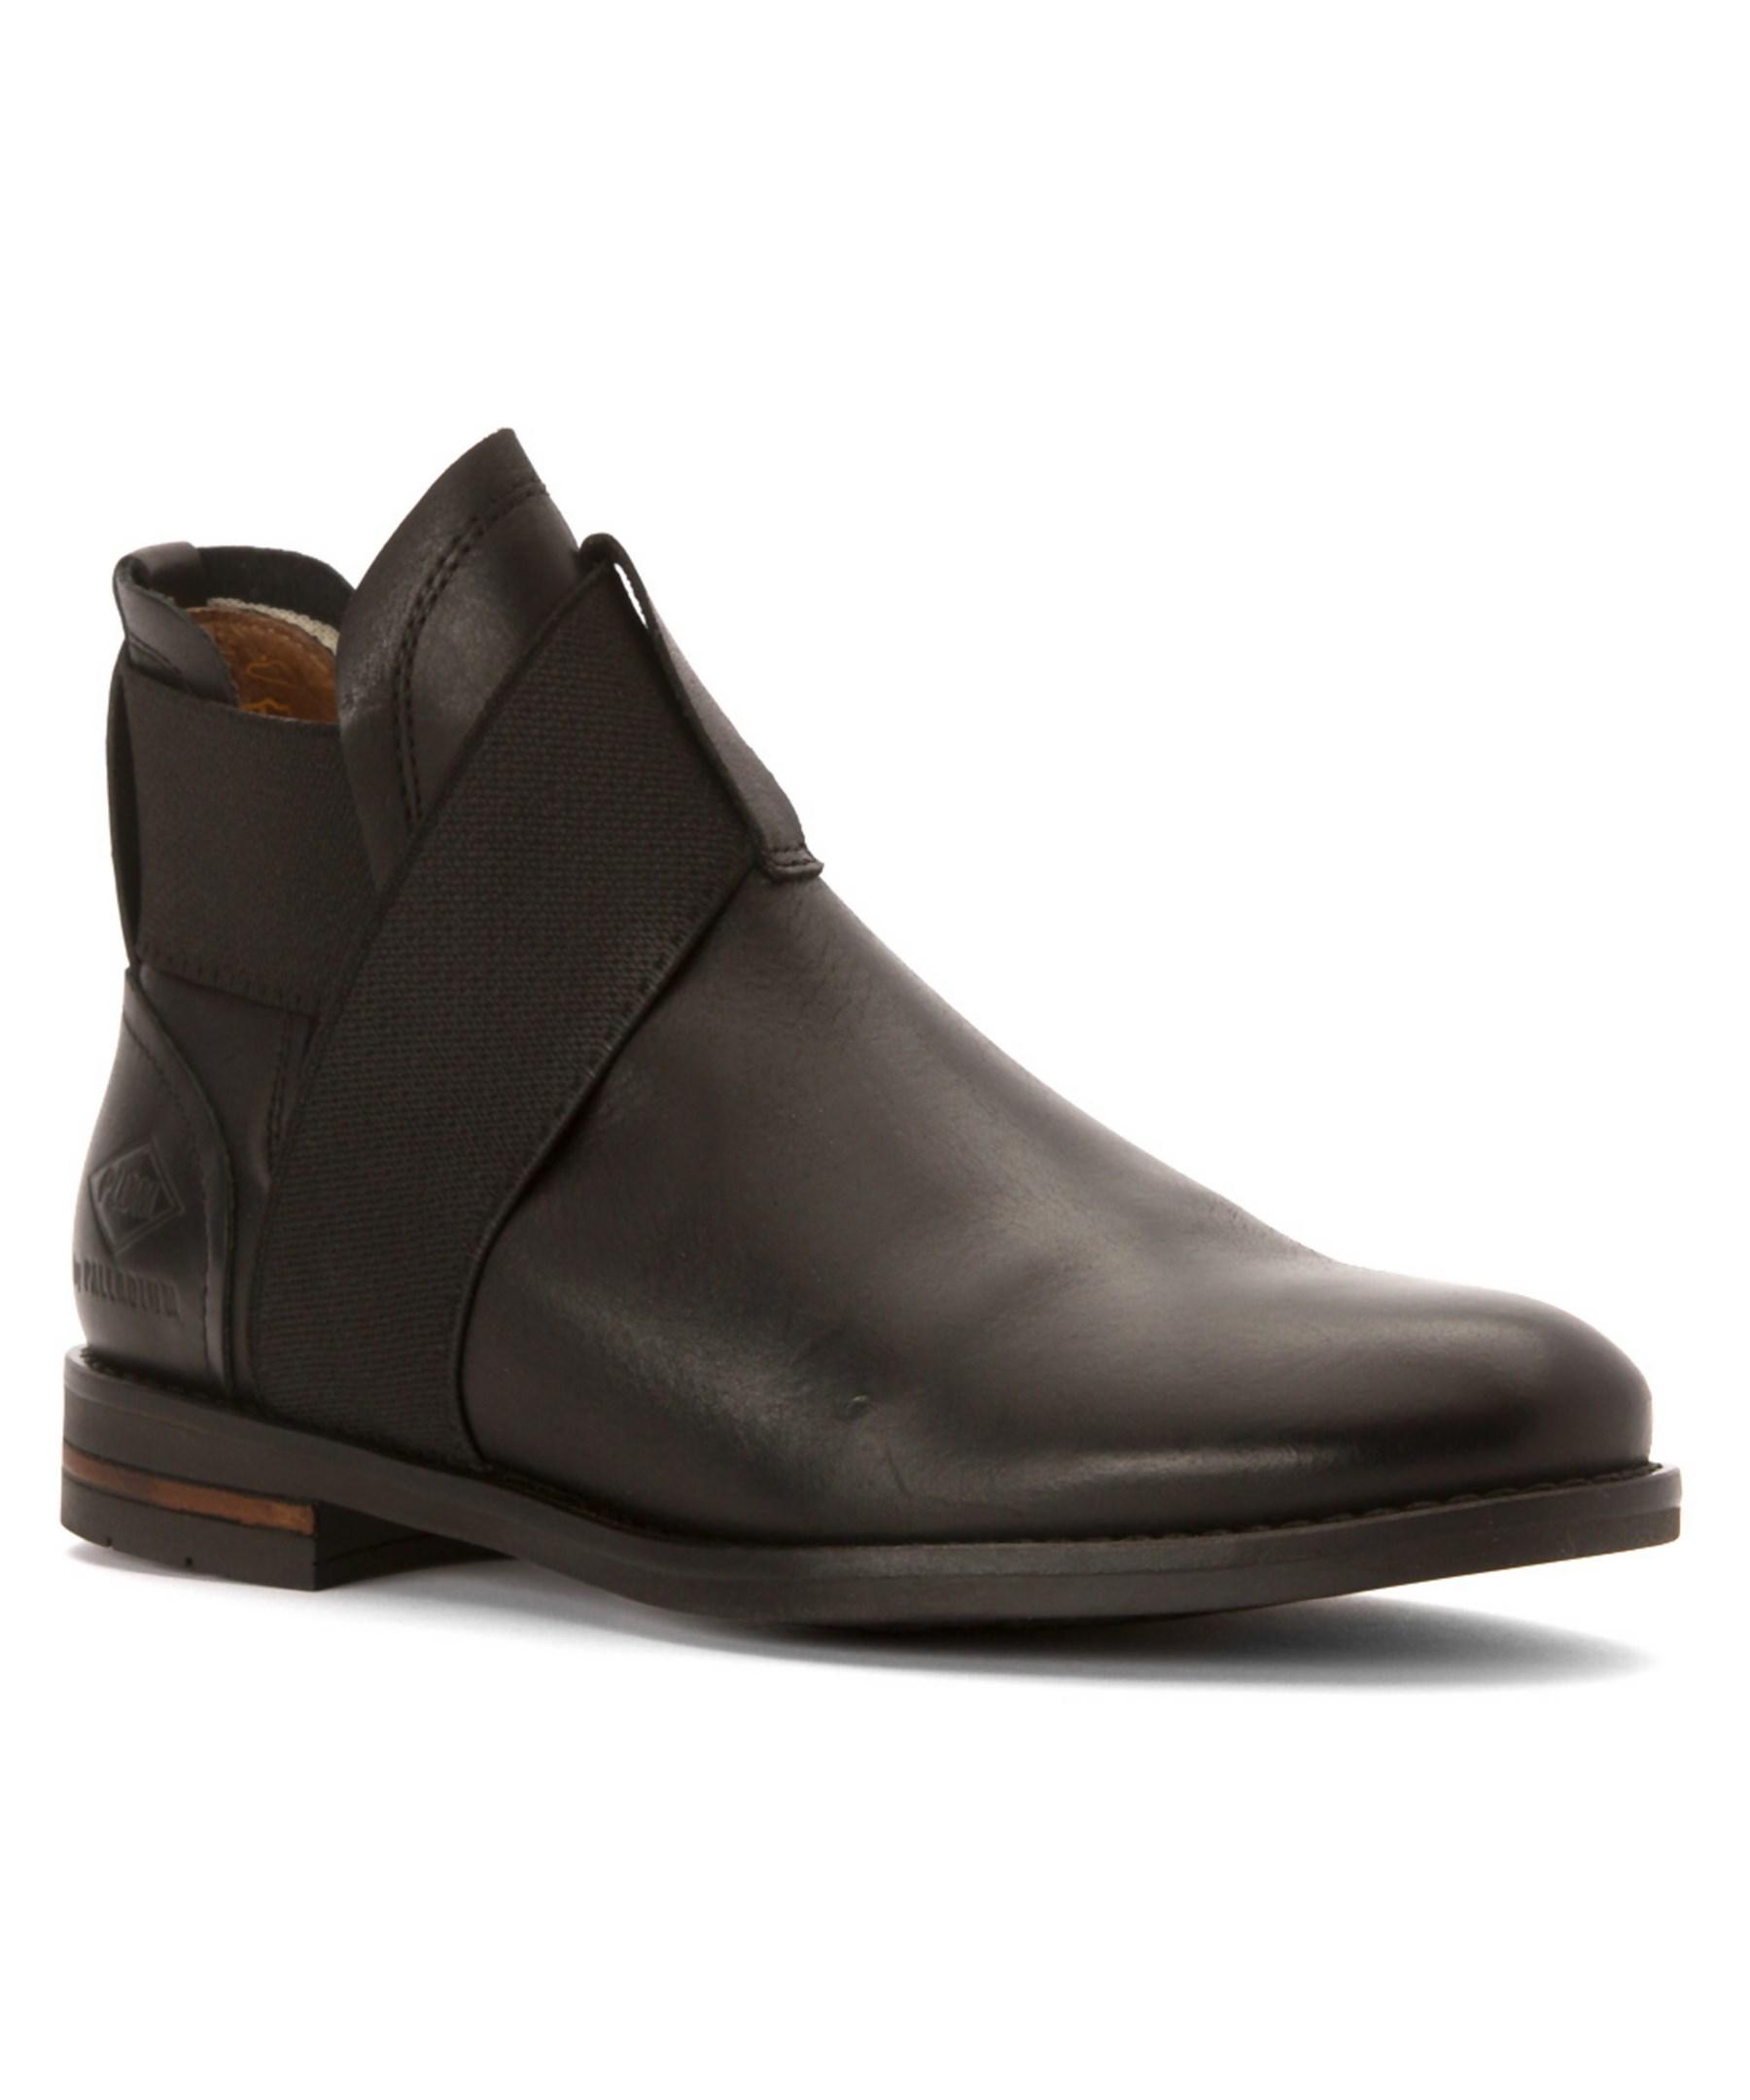 Lastest Discount Palladium Boots Discount | Palladium Pampa Hi Originale Originals Boots Black/Black ...